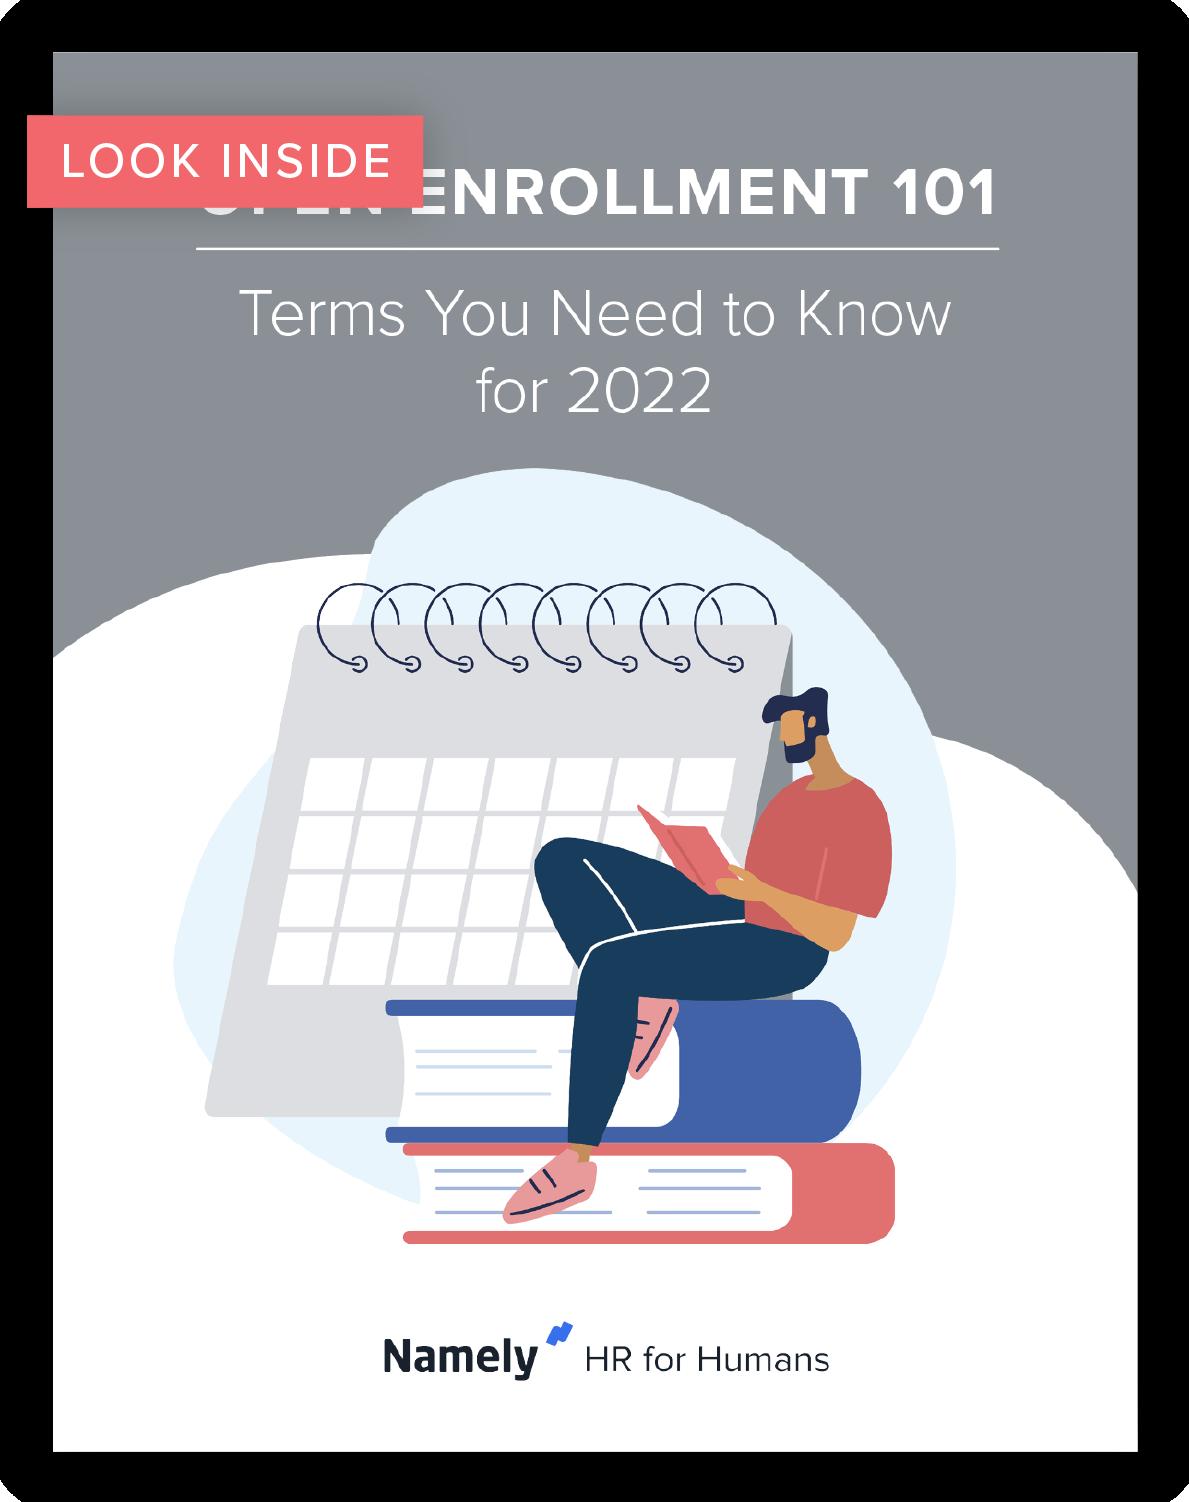 10.2021_OpenEnrollmentTerms_LookInside